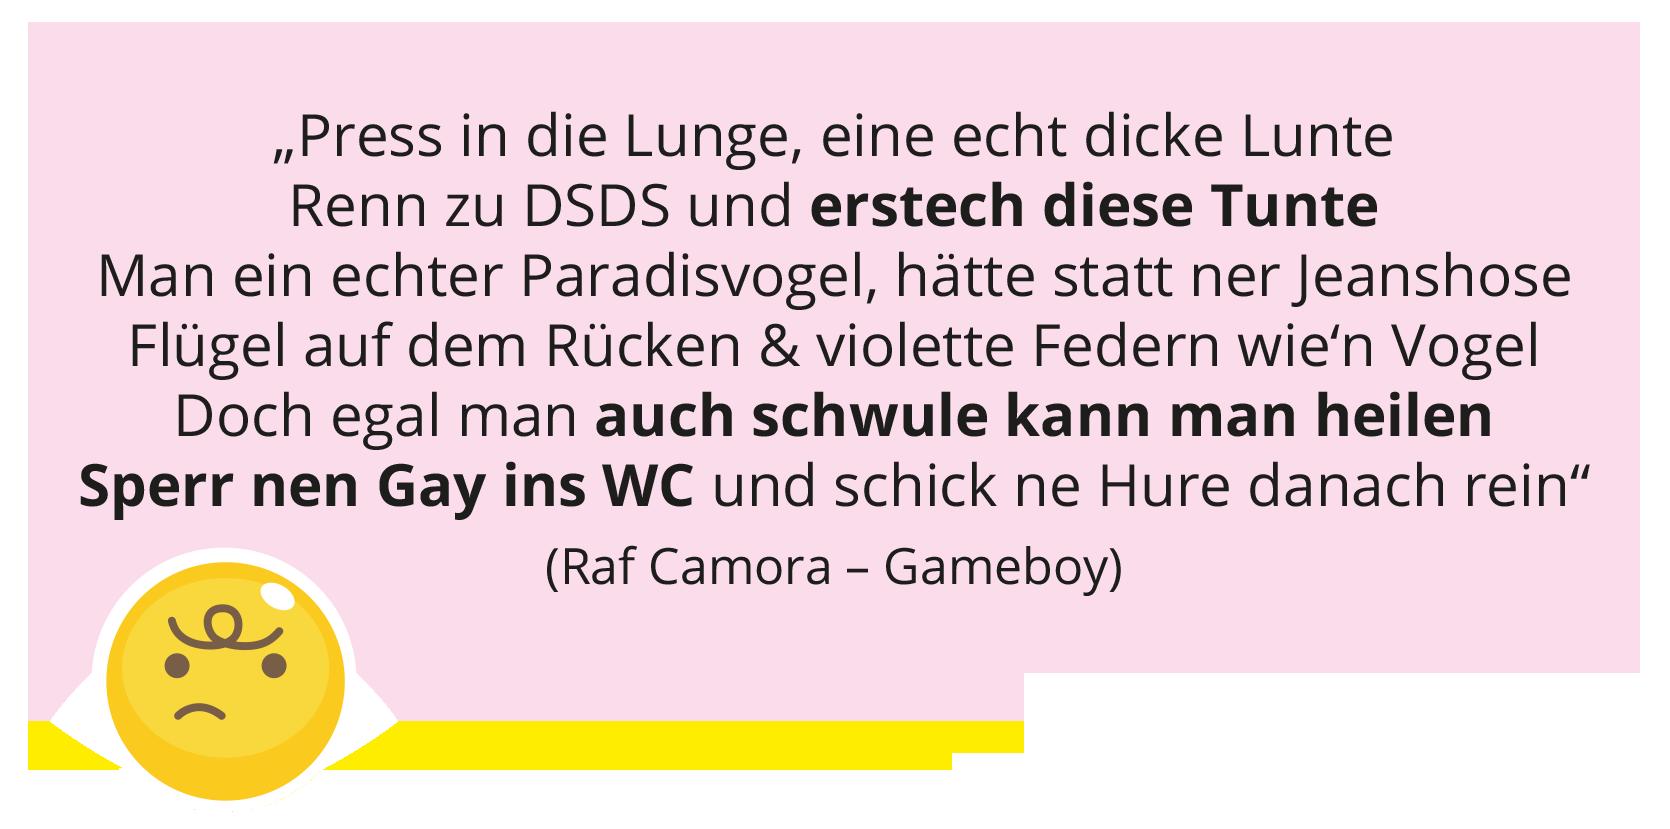 """""""Press in die Lunge, eine echt dicke Lunte Renn zu DSDS und erstech diese Tunte Man ein echter Paradisvogel, hätte statt ner Jeanshose Flügel auf dem Rücken & violette Federn wie'n Vogel Doch egal man auch schwule kann man heilen Sperr nen Gay ins WC und schick ne Hure danach rein"""" (Raf Camora – Gameboy)"""